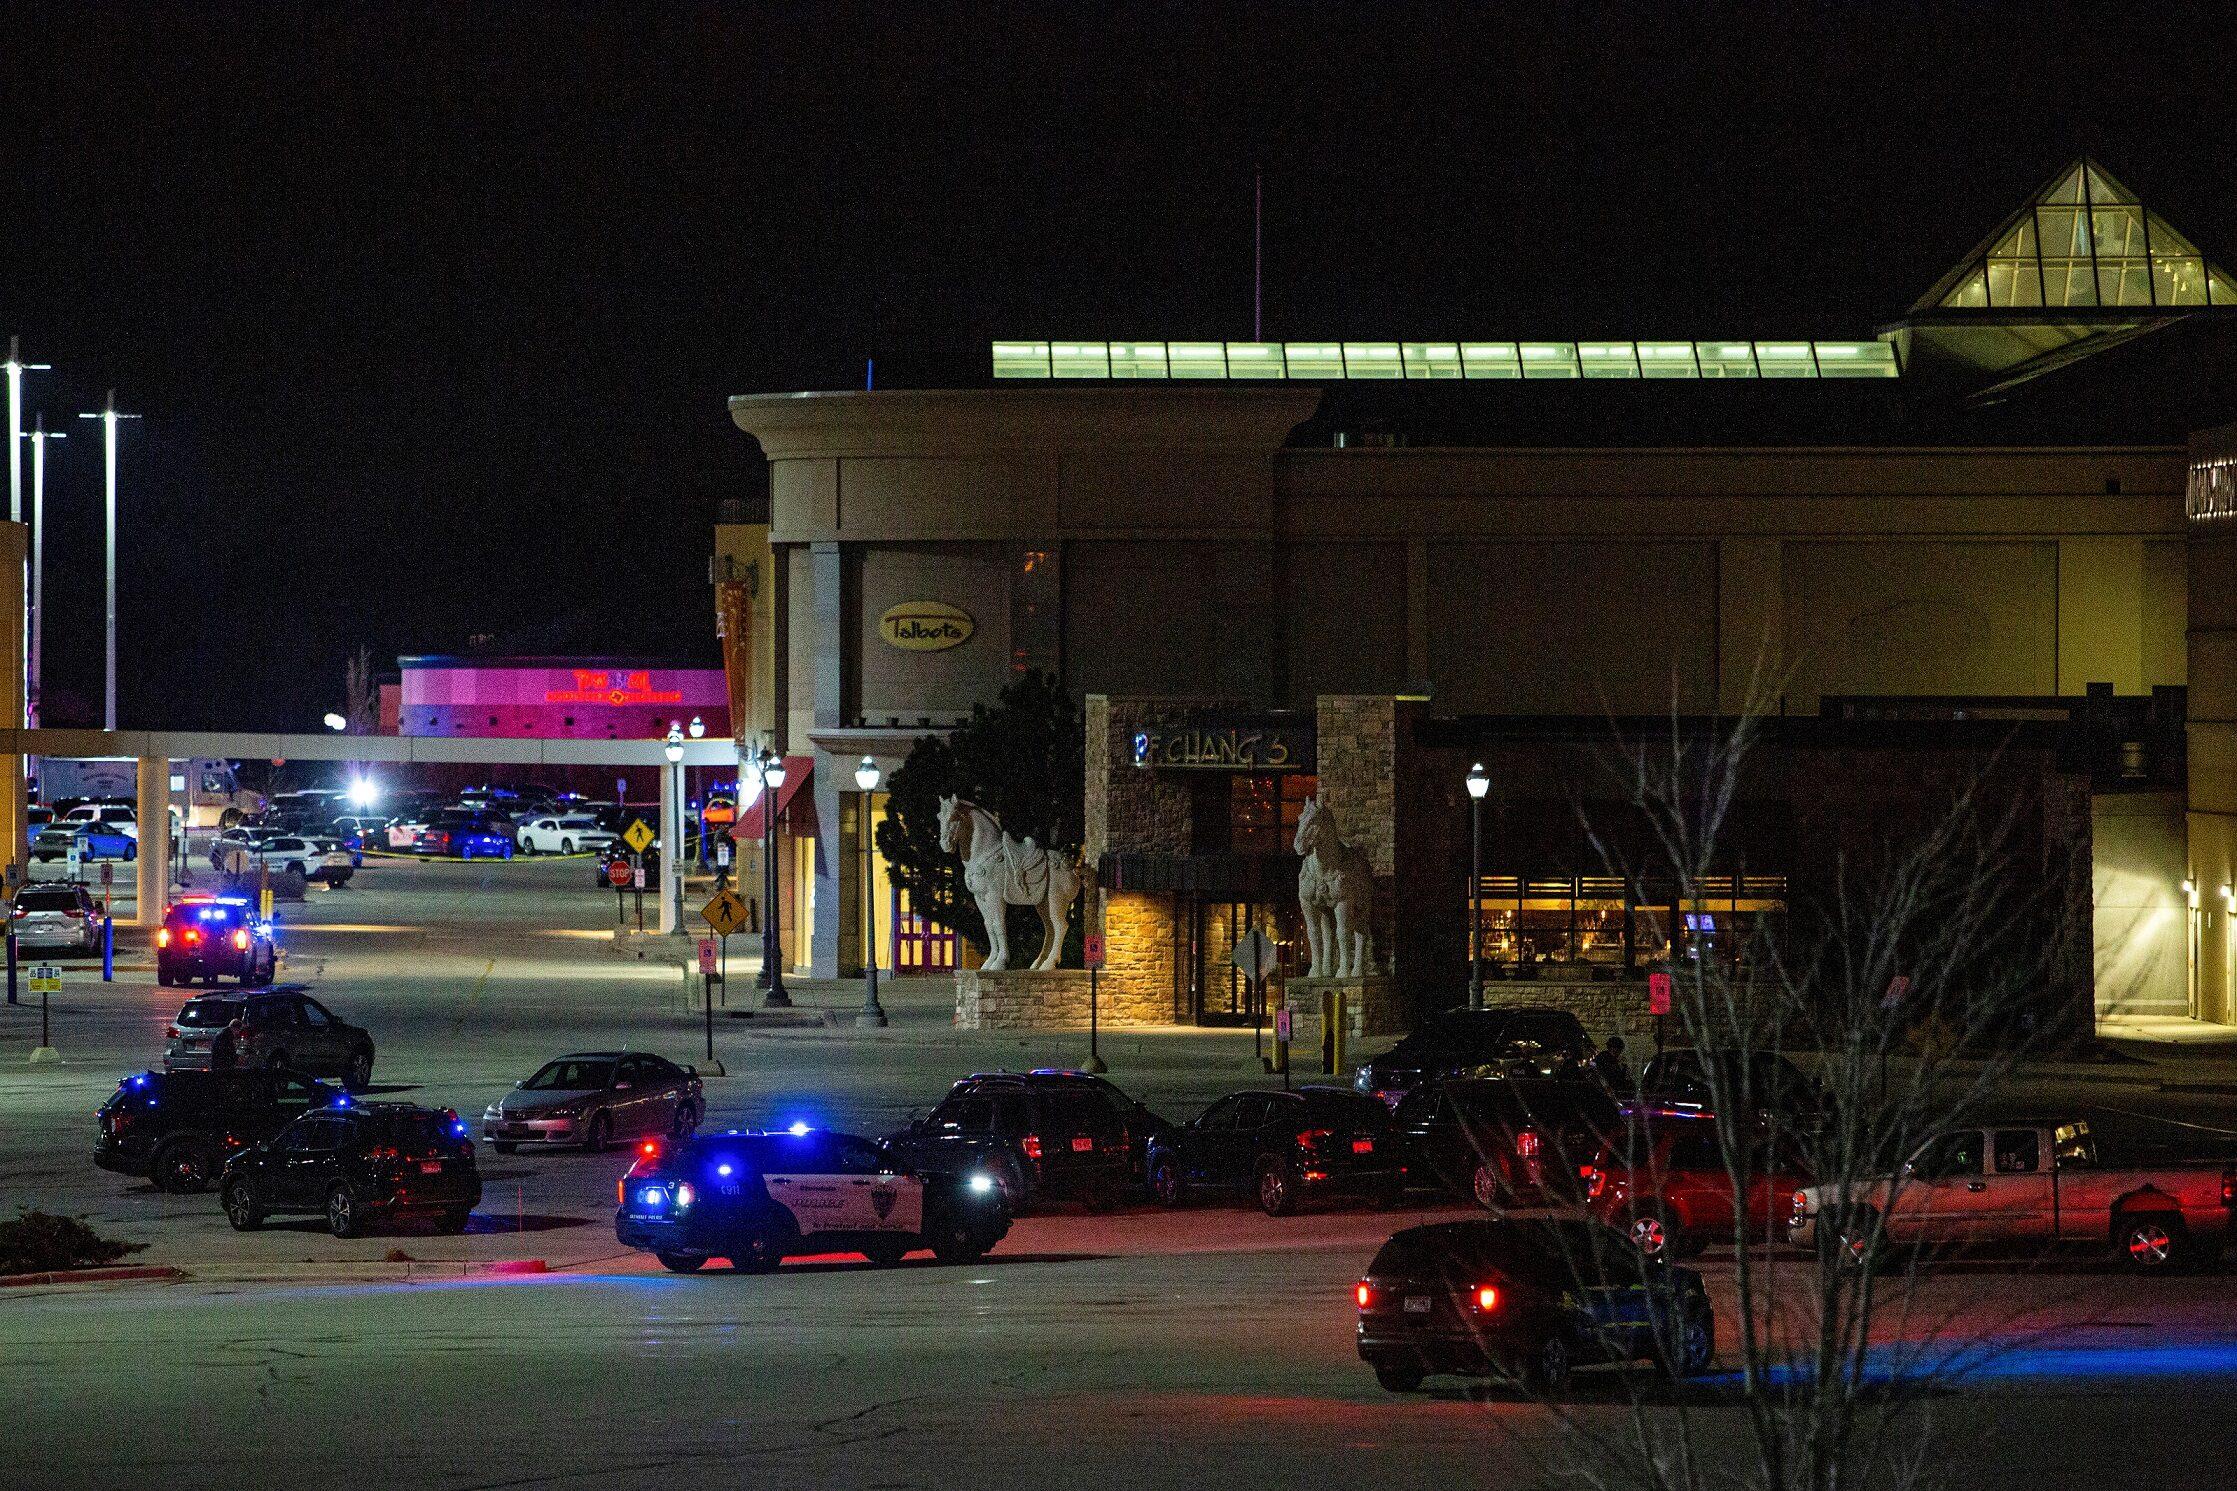 มือปืนยังหลบหนี หลังกราดยิงกลางห้างรัฐวิสคอนซิน เจ็บ 8